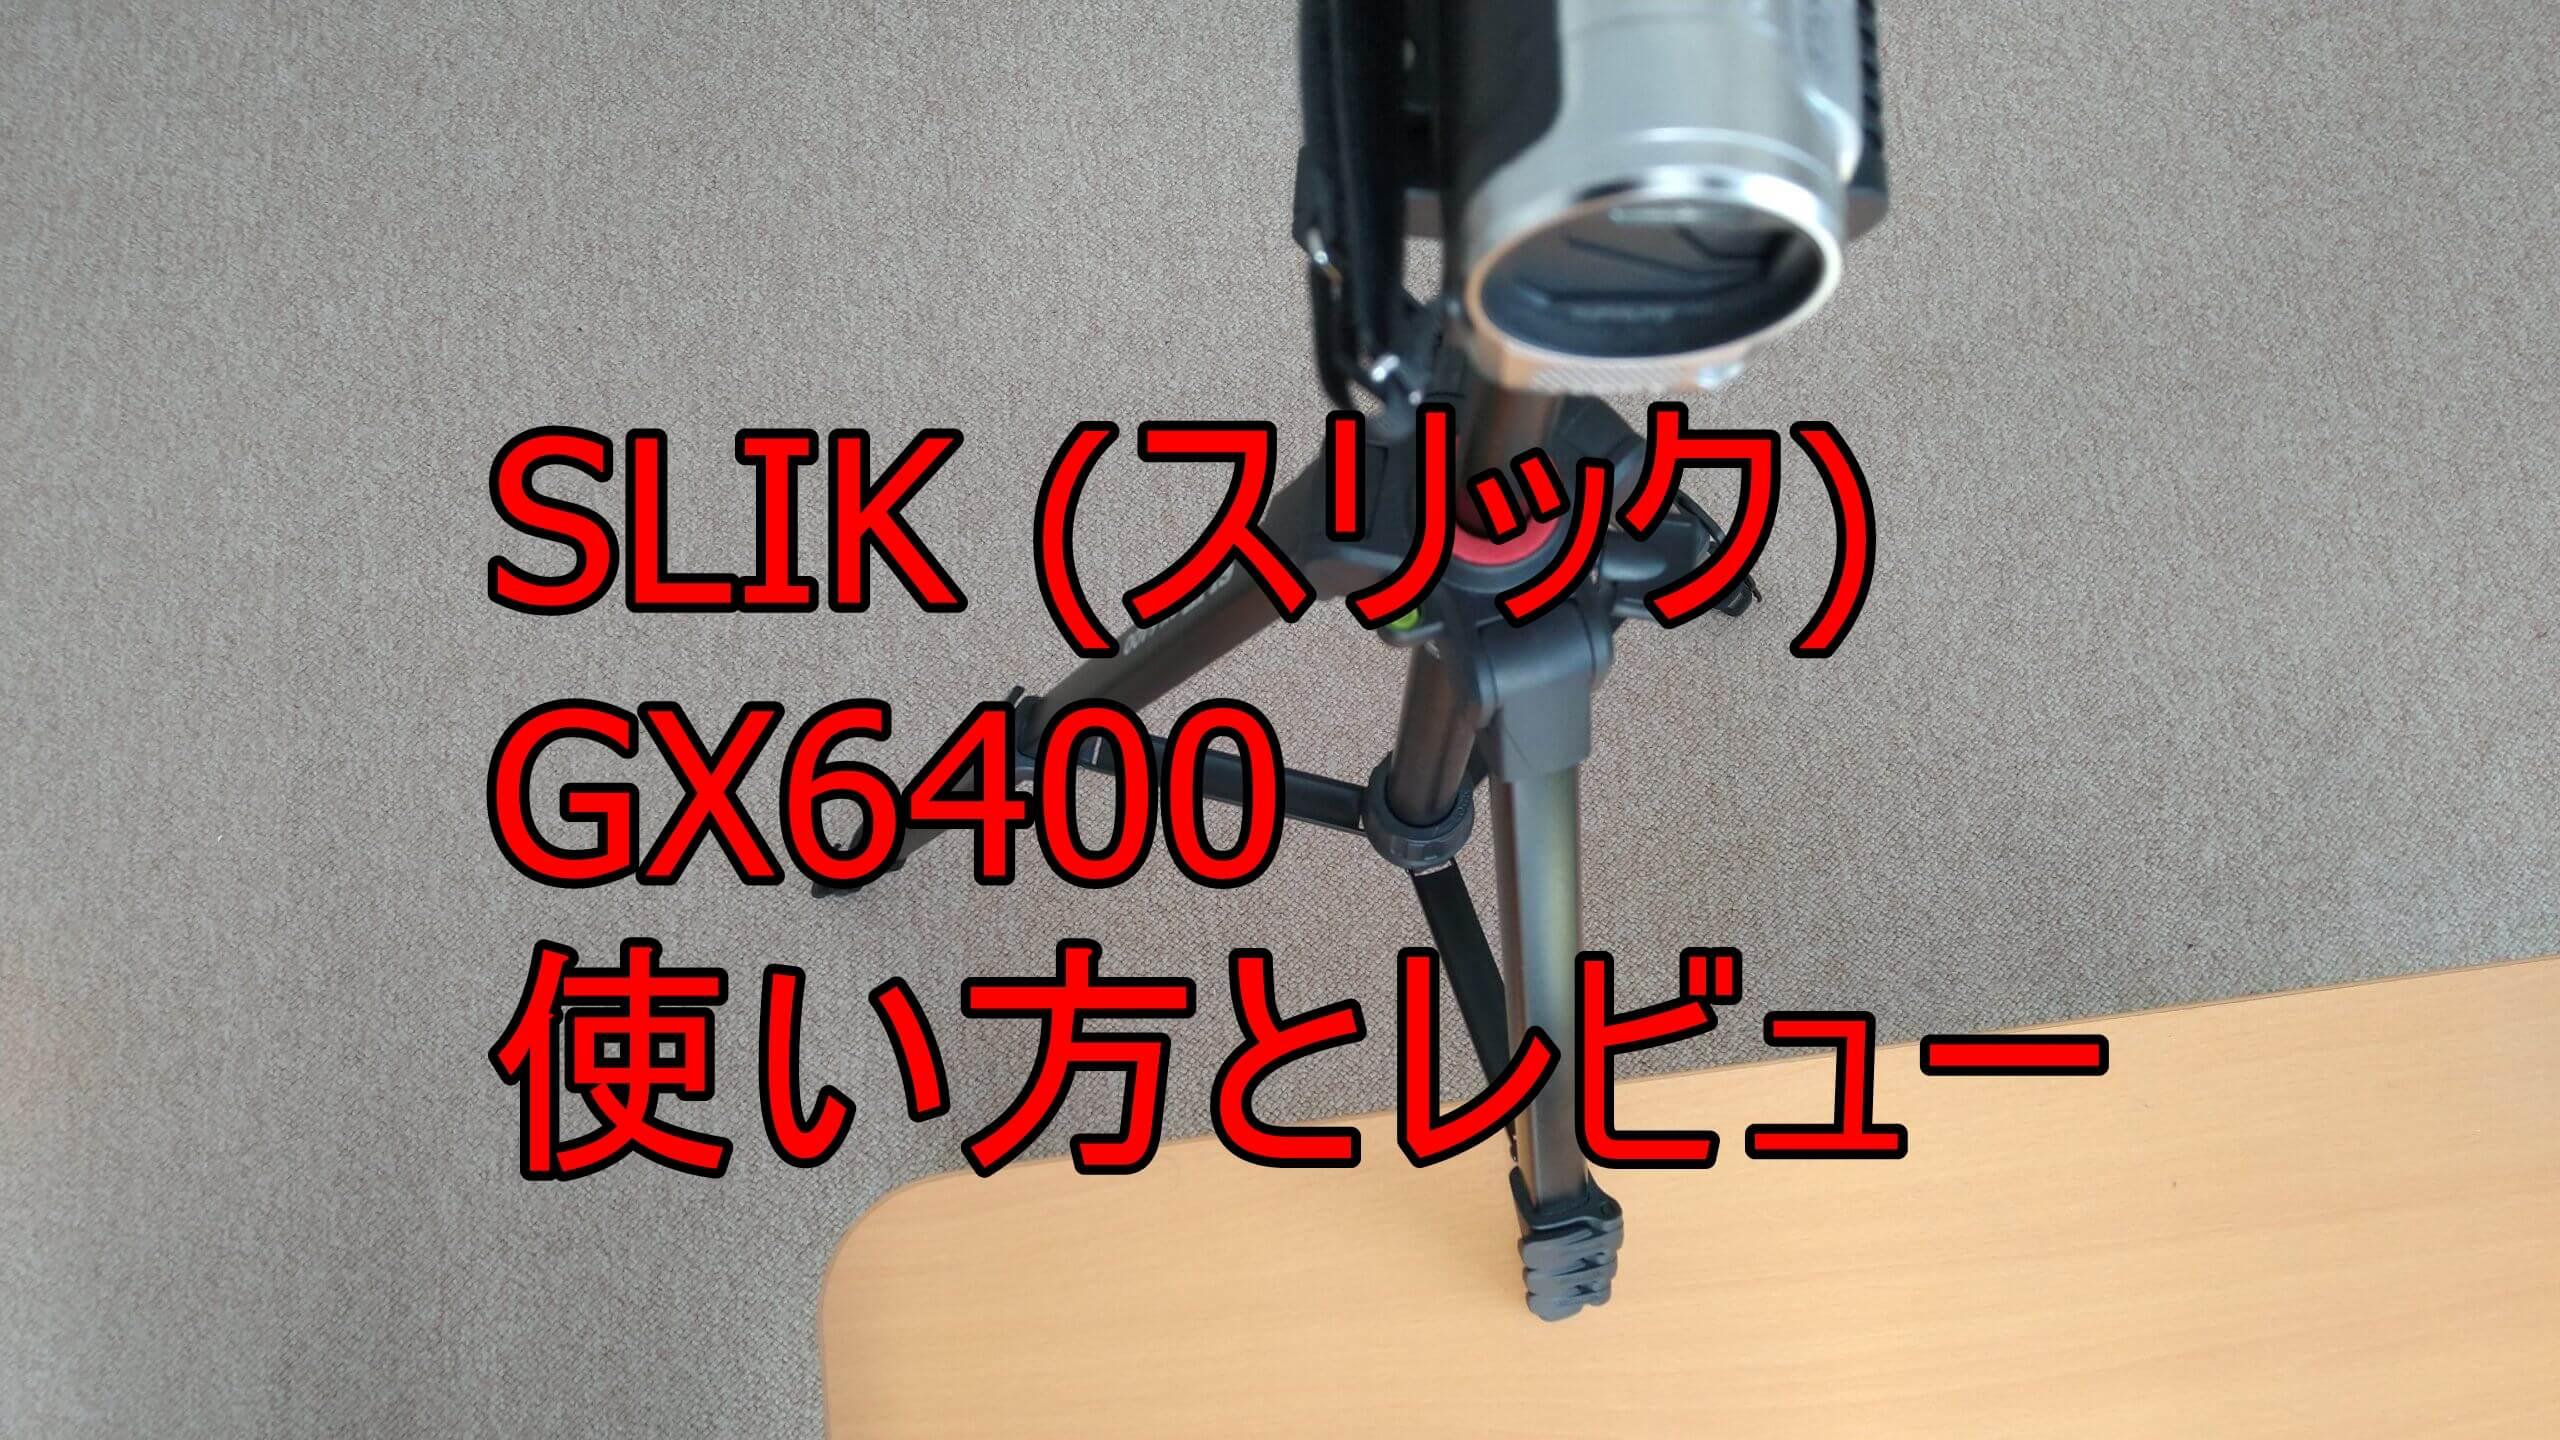 SLIK (スリック) GX6400の使い方とレビュー